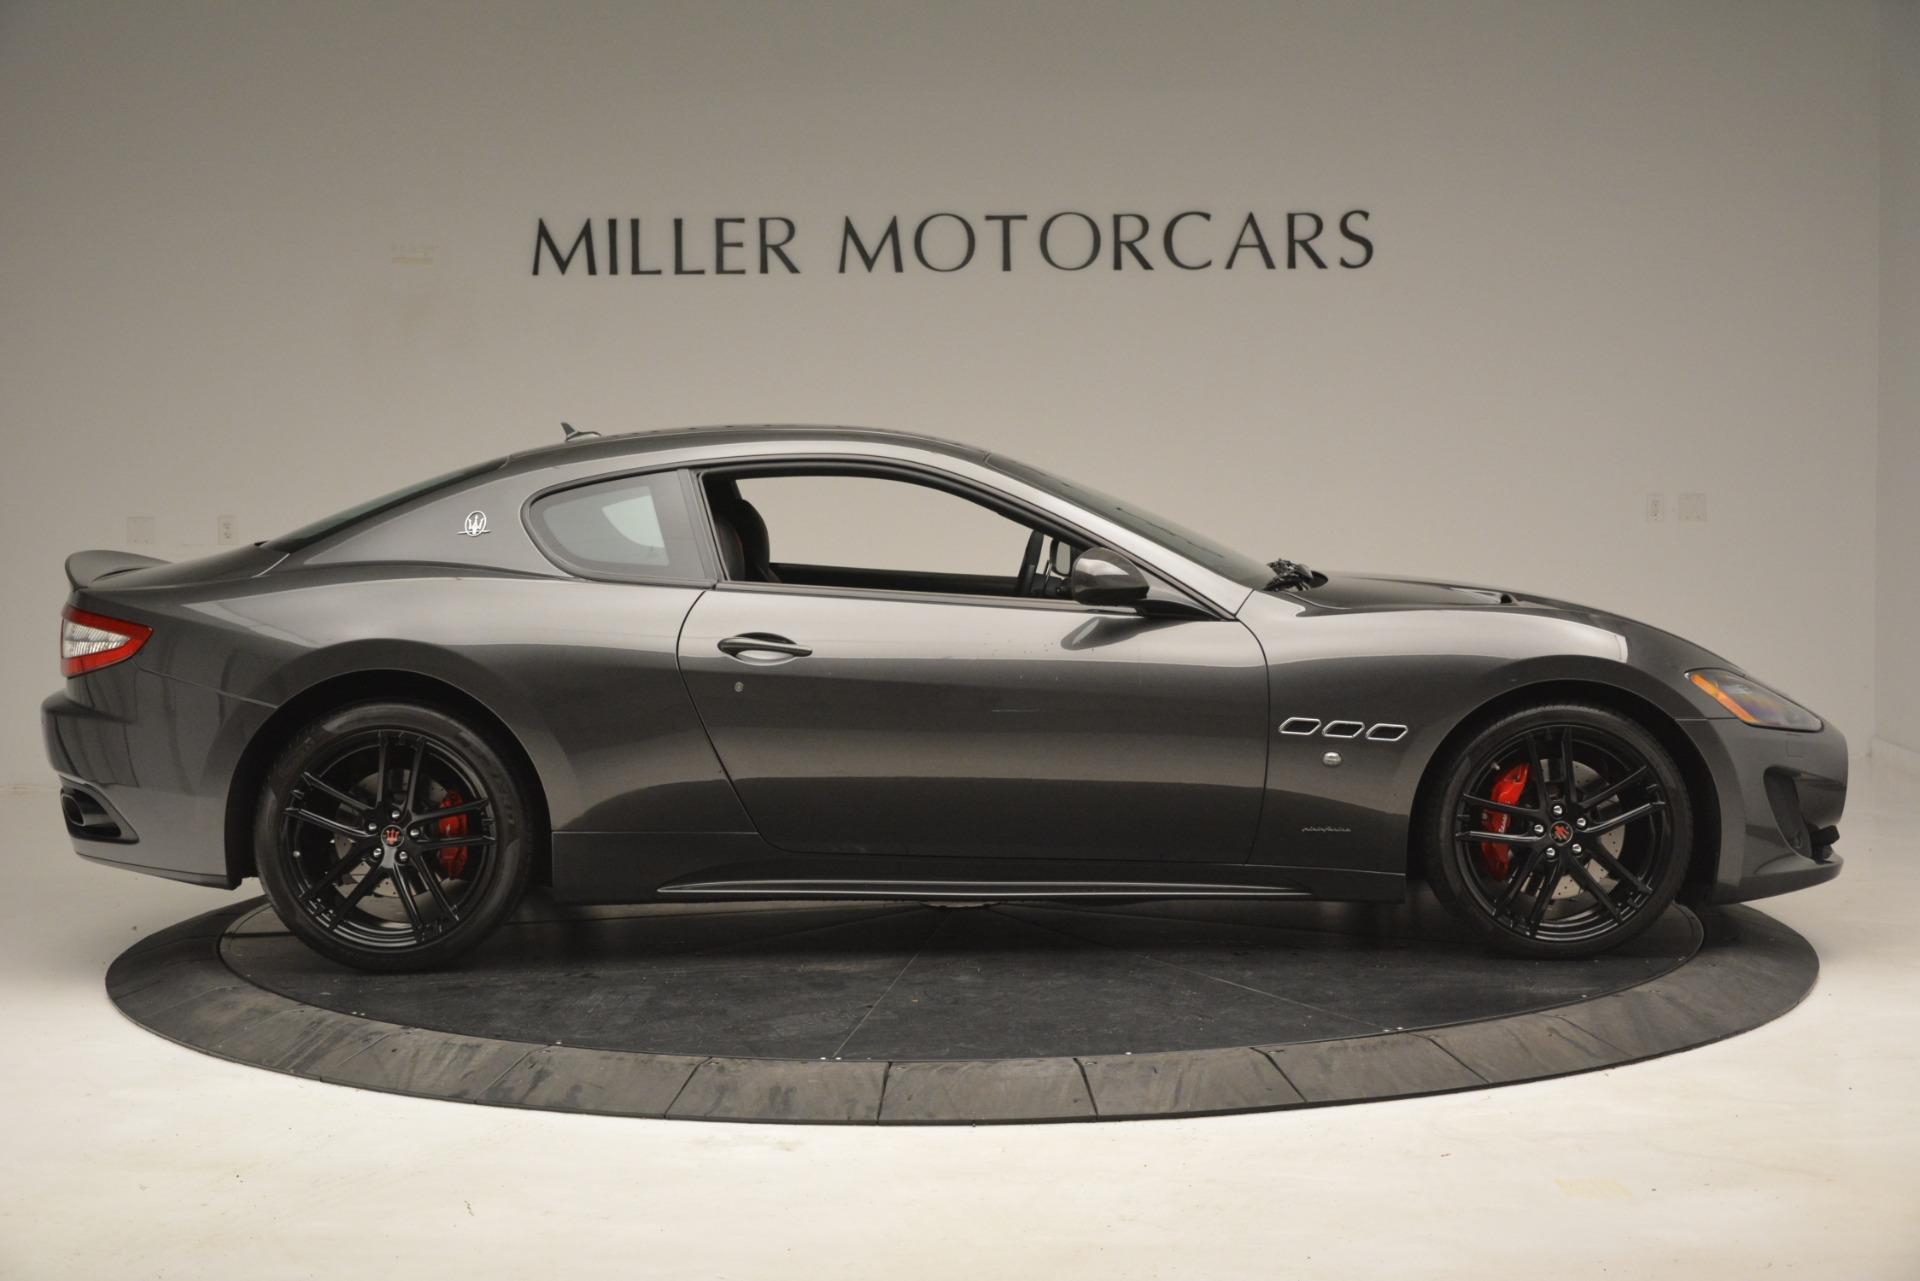 New 2017 Maserati Granturismo Gt Sport Special Edition